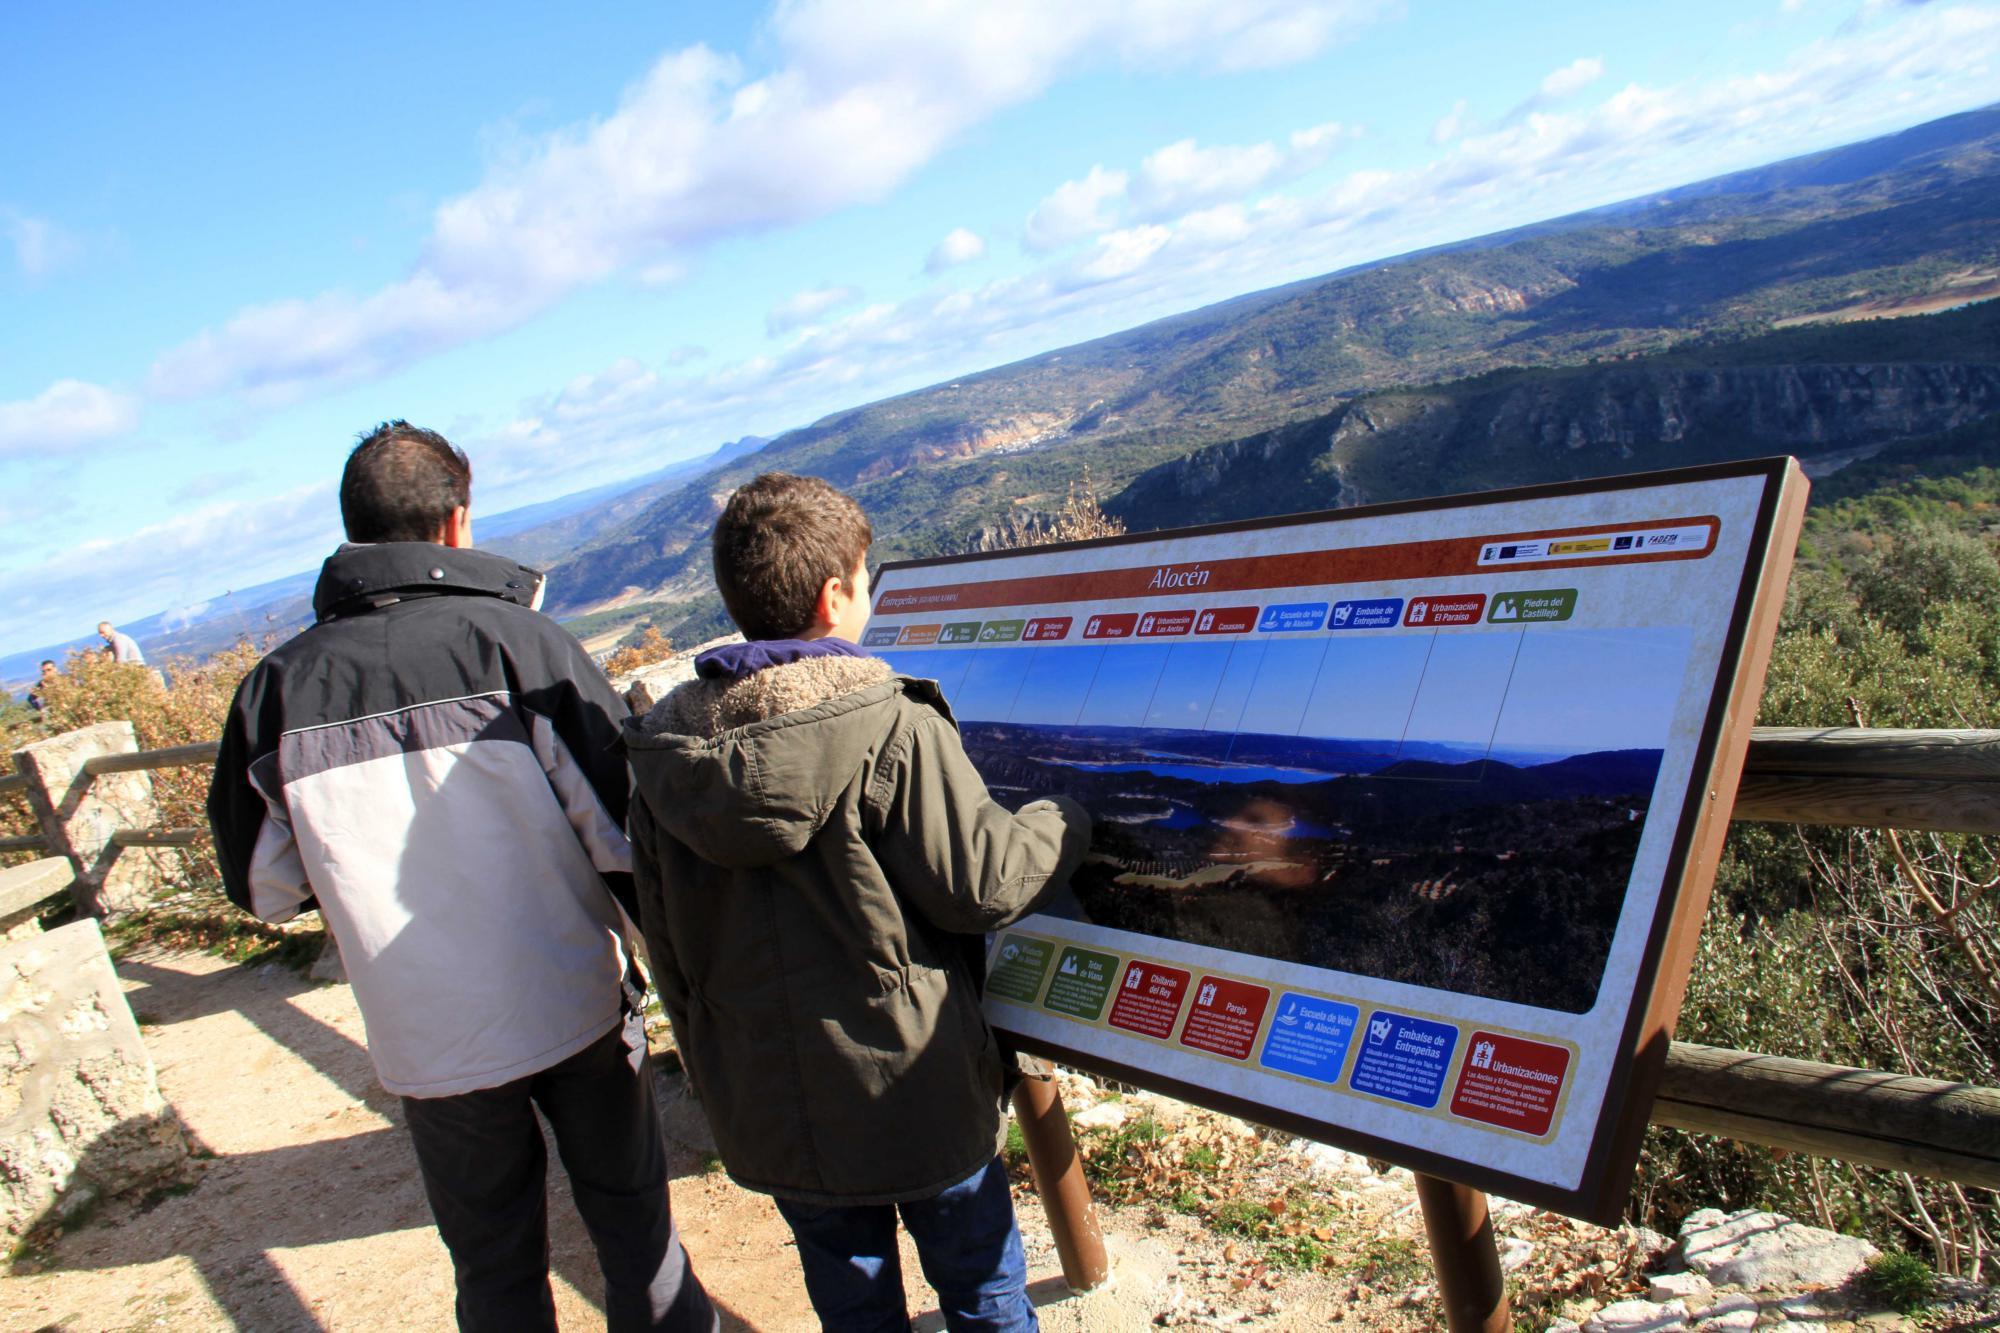 La comarca del Tajo-Tajuña pone el acento en sus atractivos turísticos